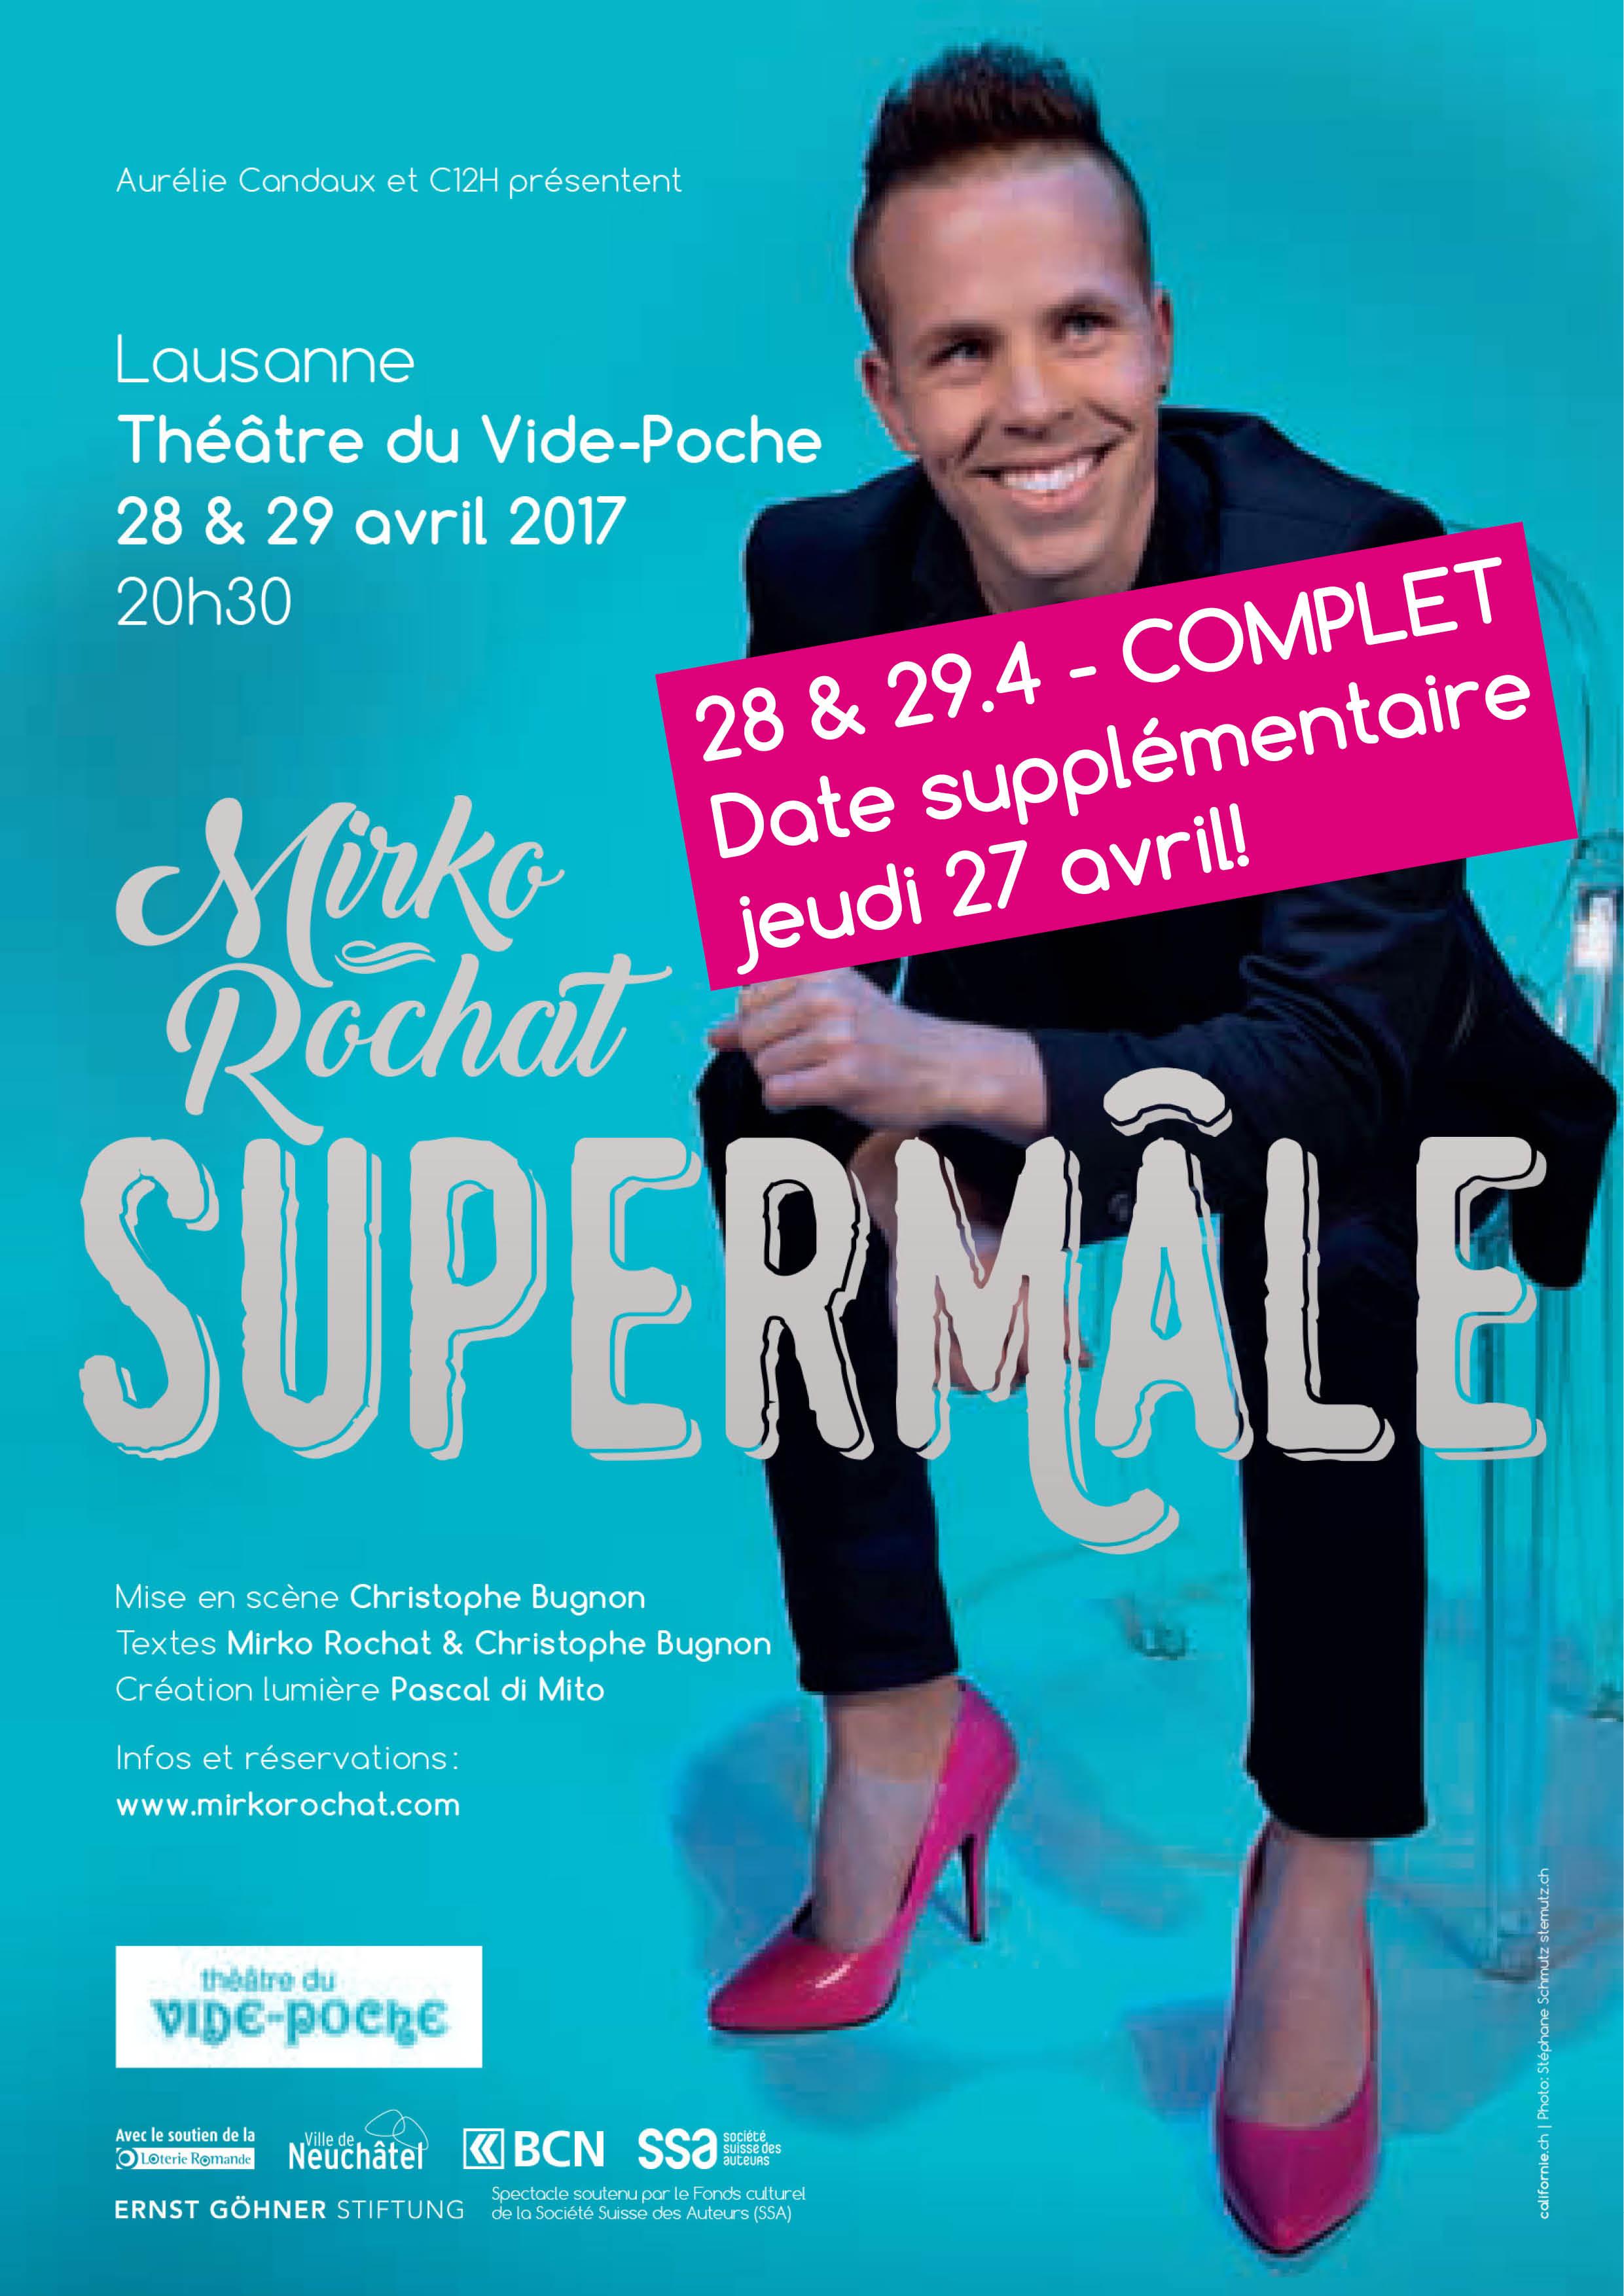 Date supplémentaire au Théâtre du Vide Poche à Lausanne le 27 avril - Supermâle - Mirko Rochat